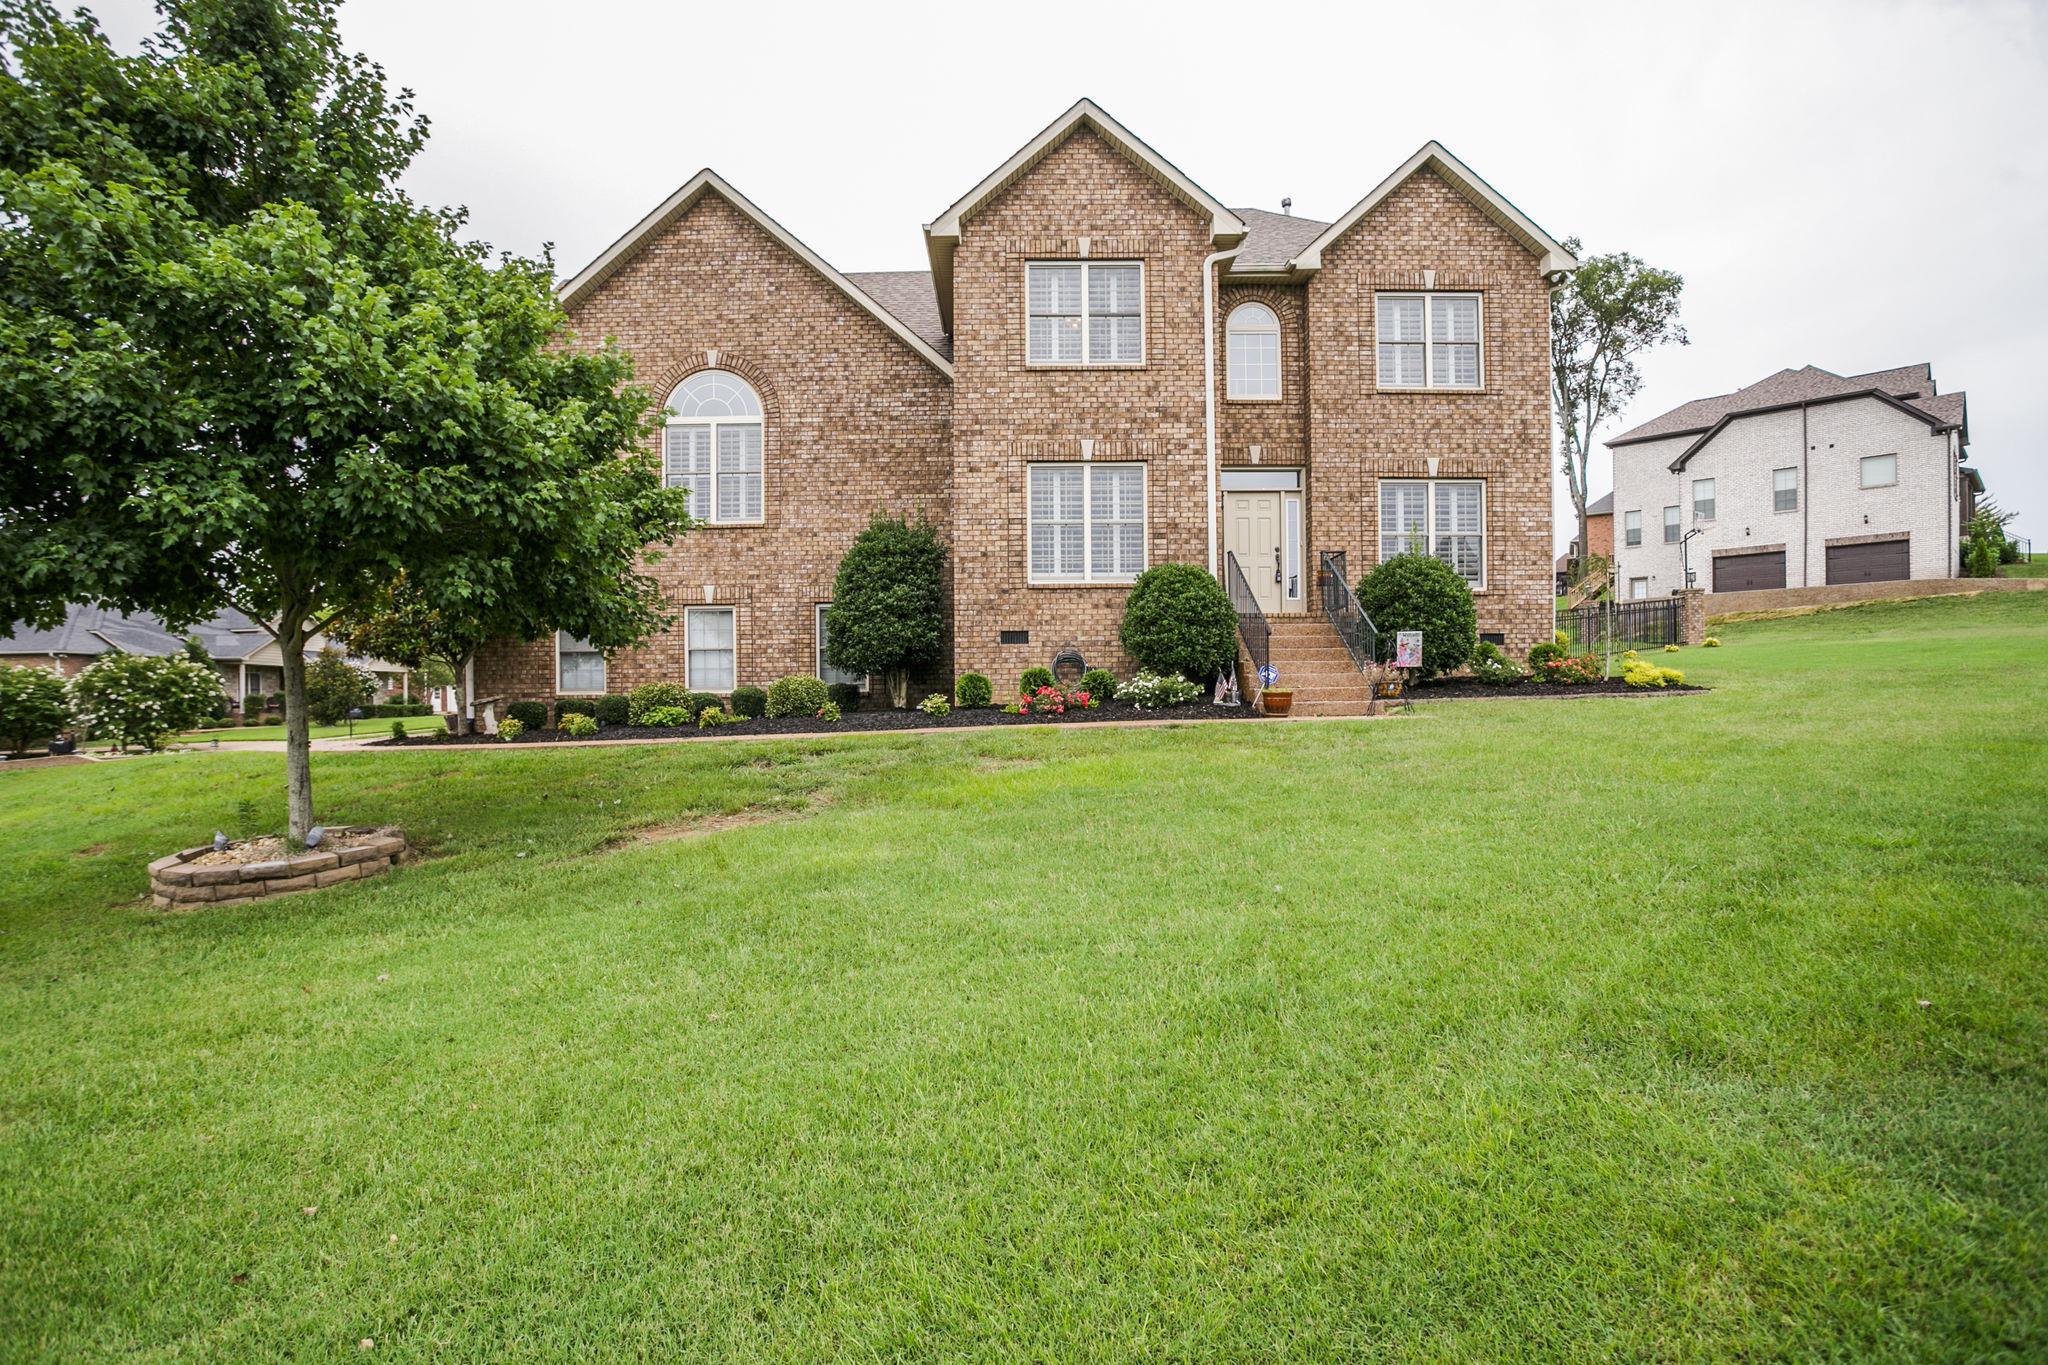 1002 Del Ray Trl, Hendersonville, TN 37075 - Hendersonville, TN real estate listing